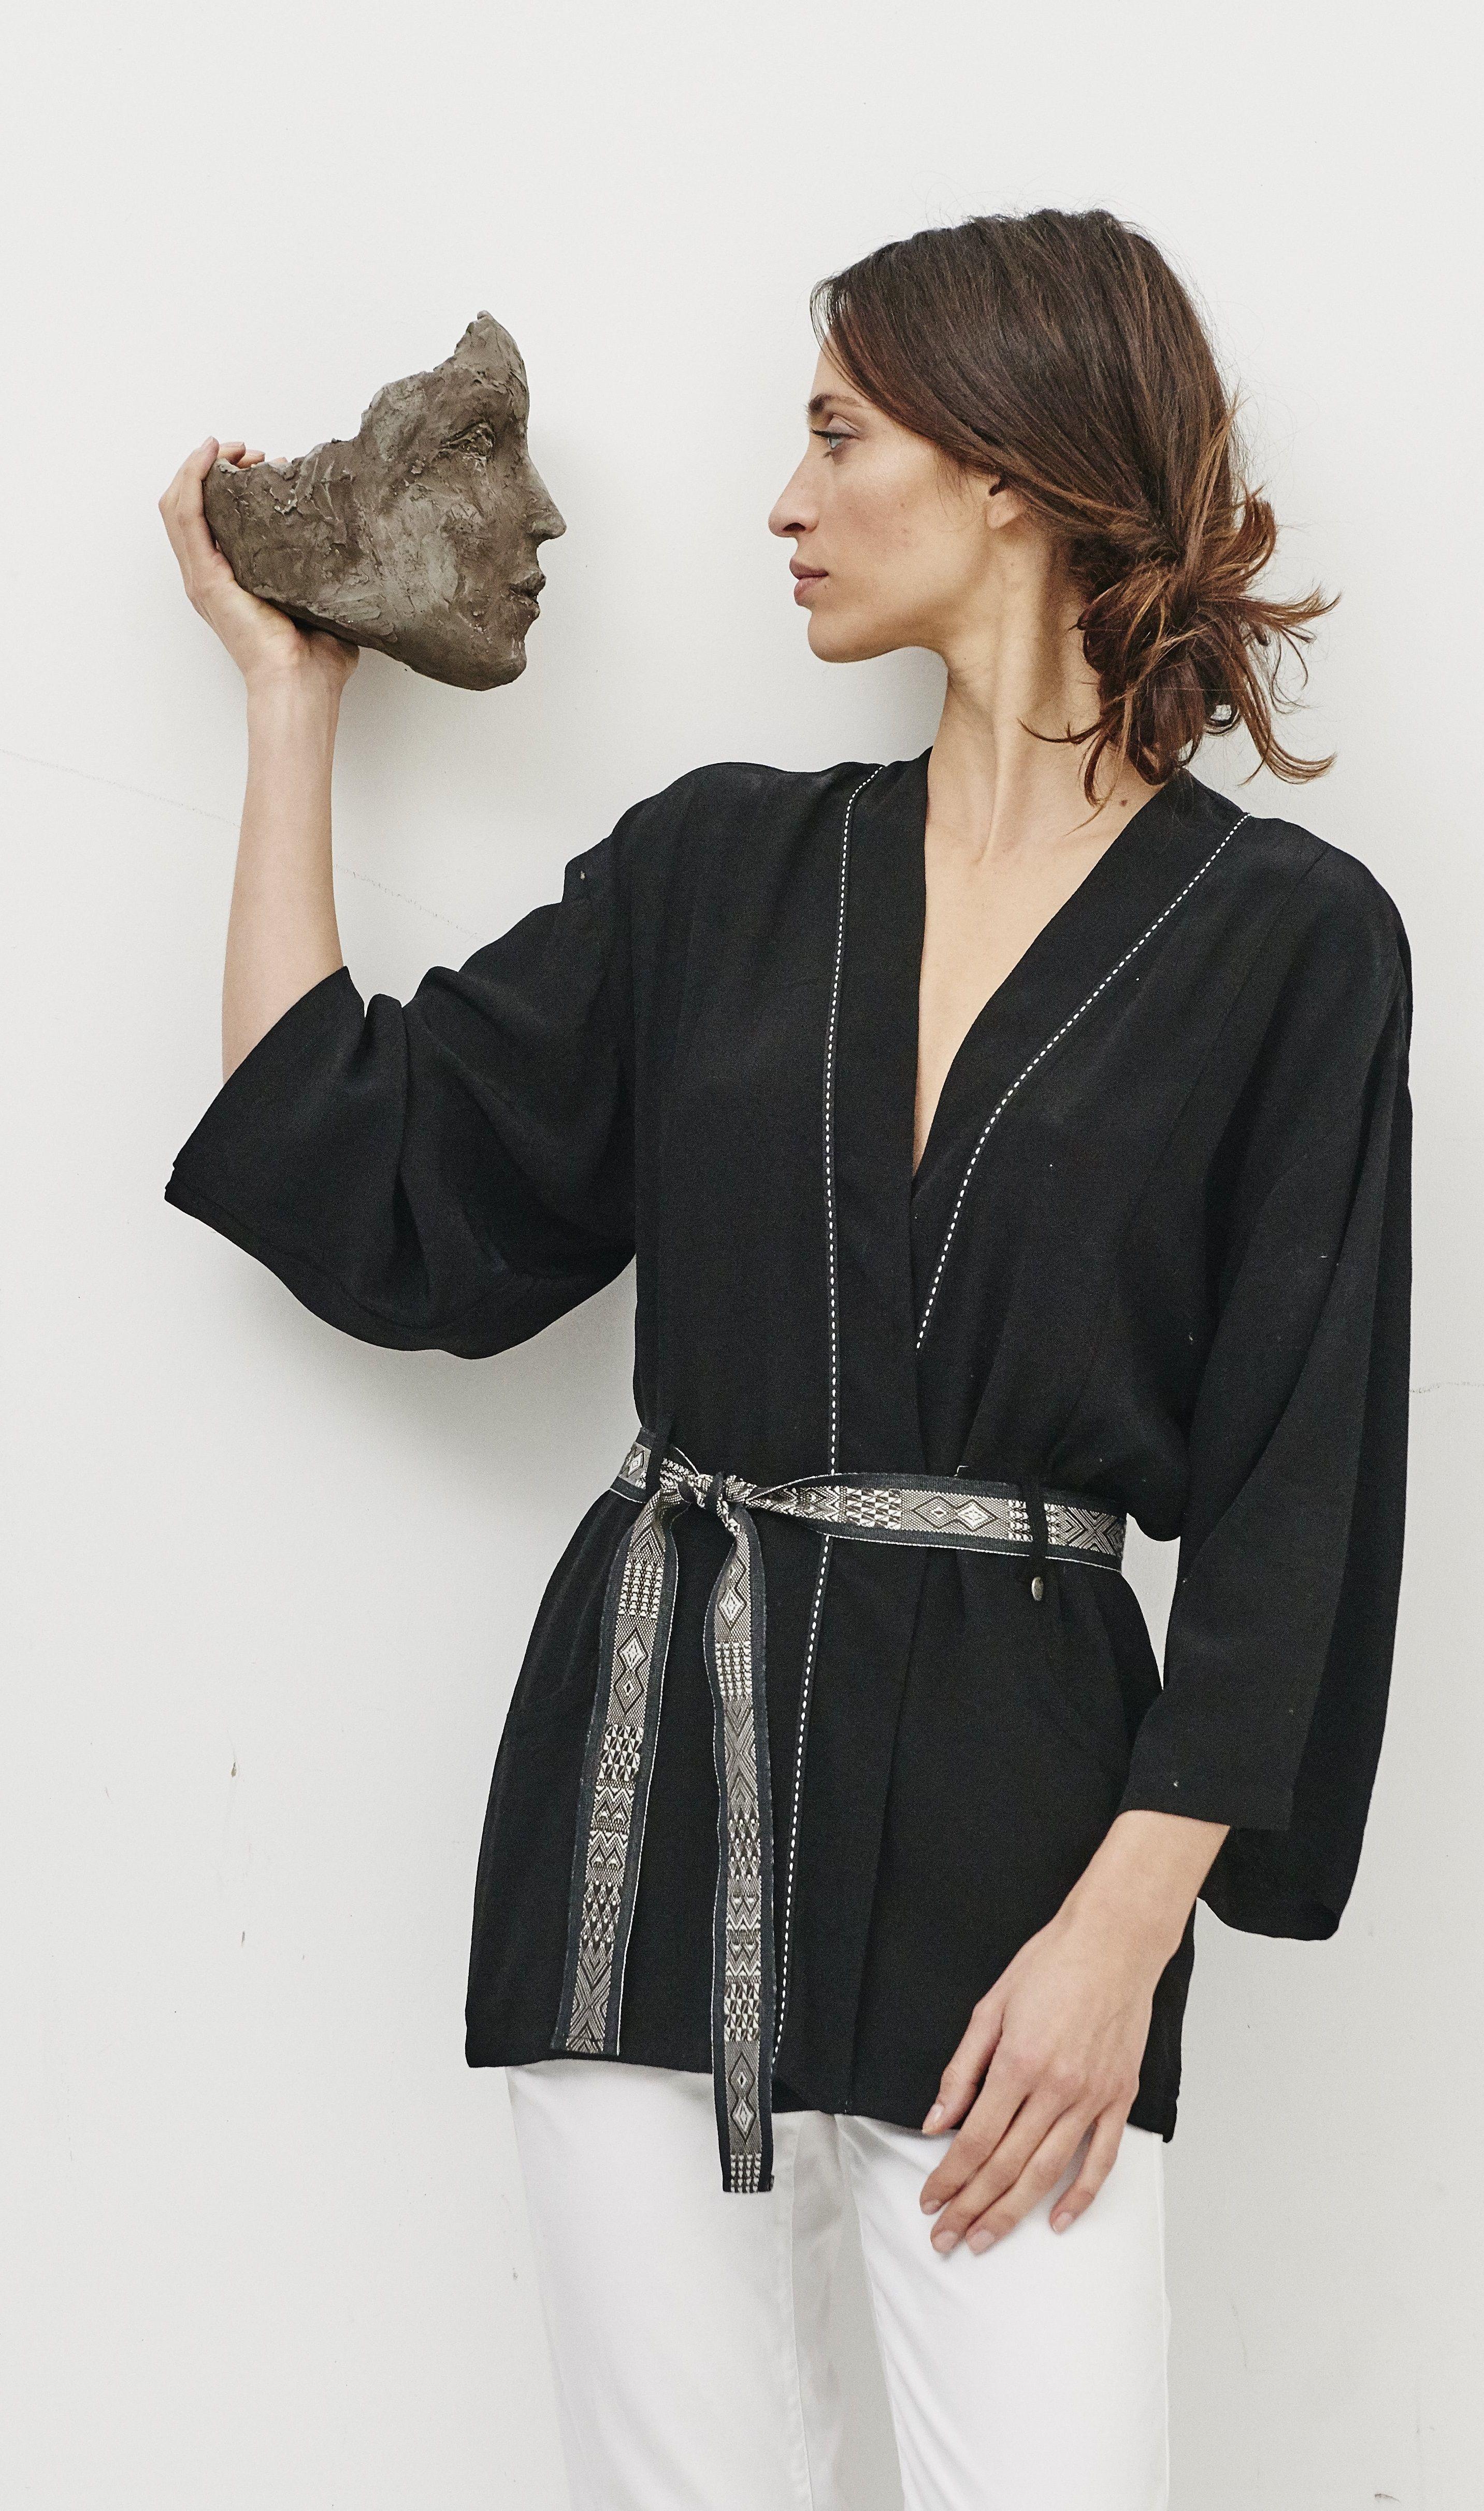 Épinglé sur Collection PE 2017 Femme